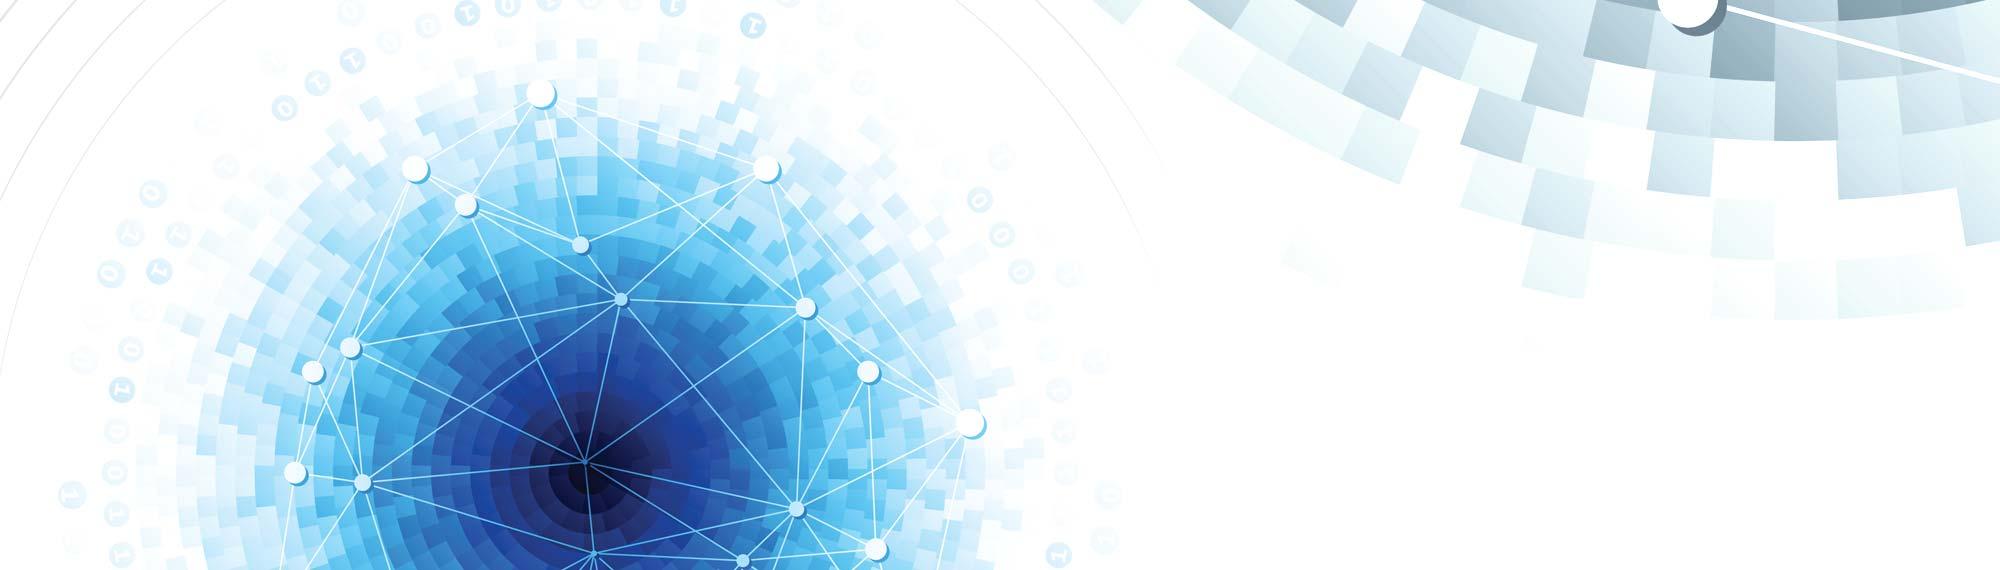 Správa sítě – Outsourcing IT